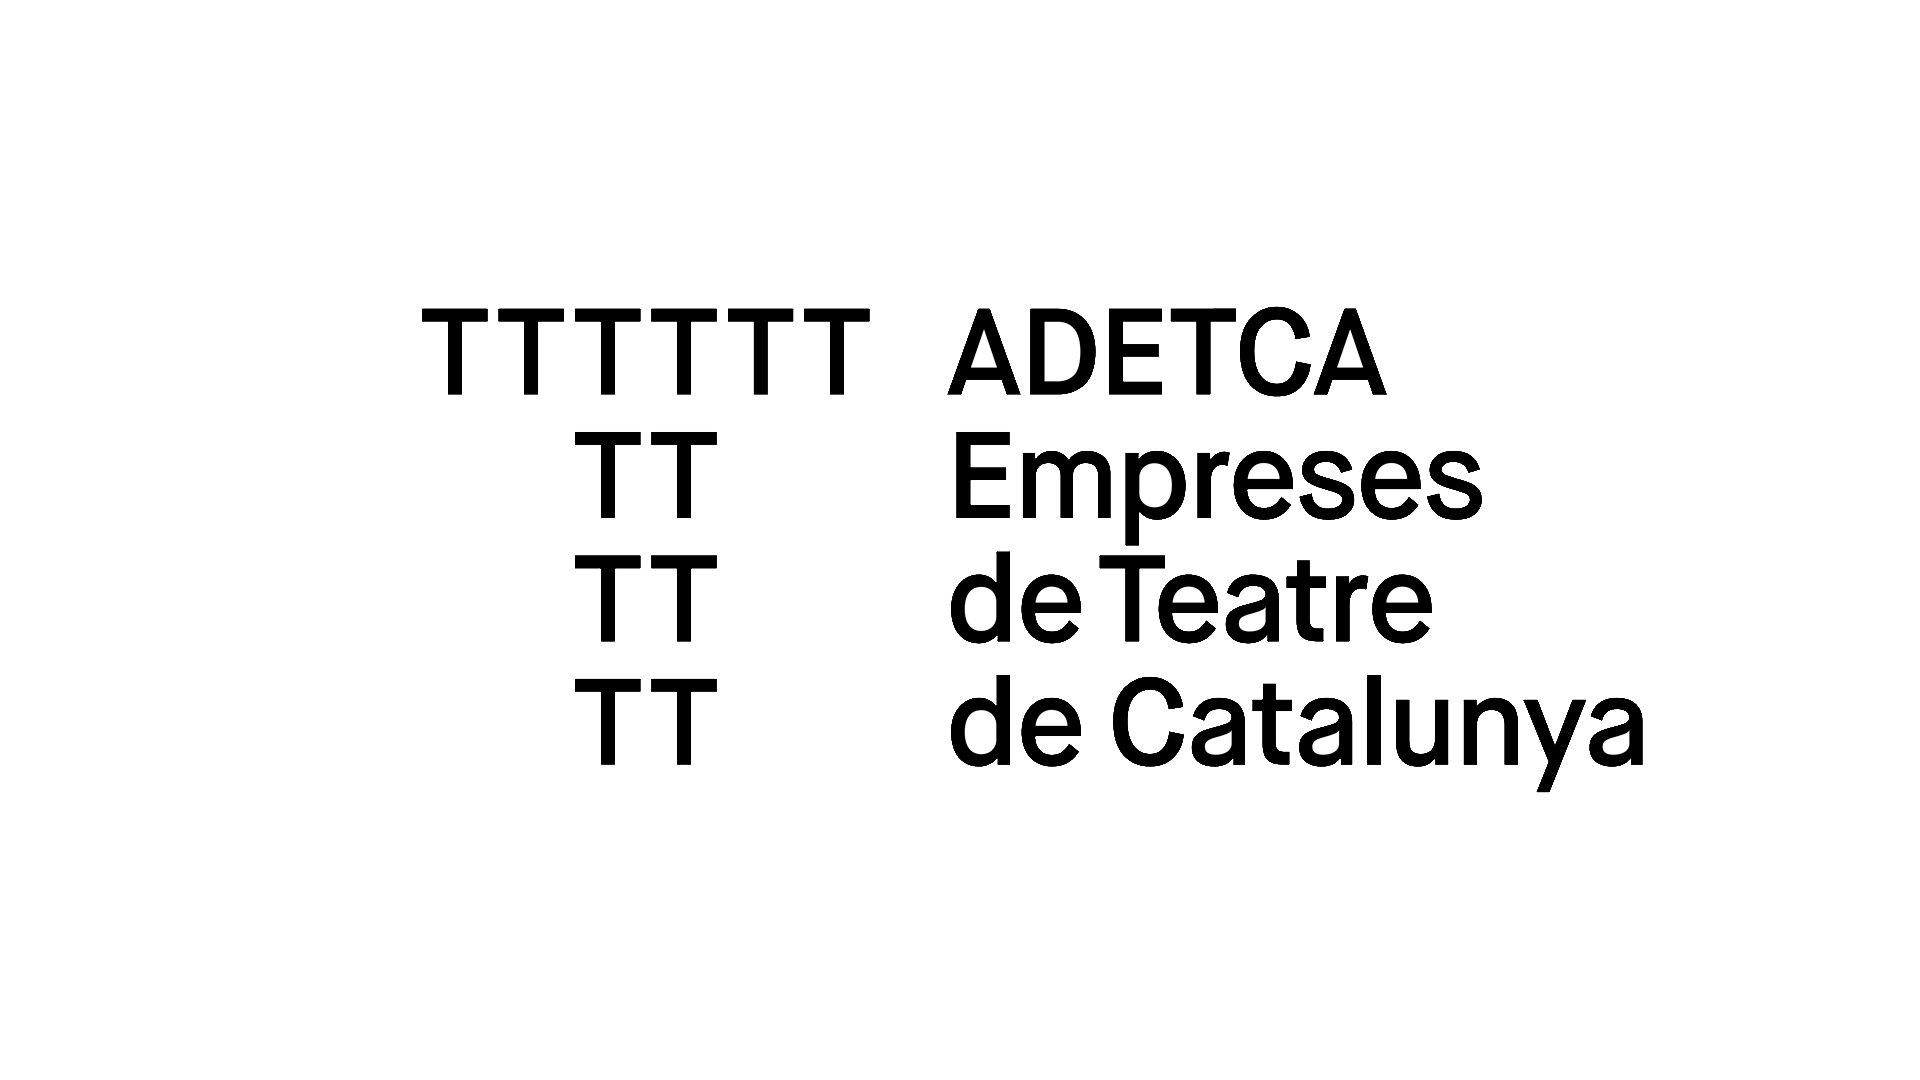 Adetca_logo_neutre